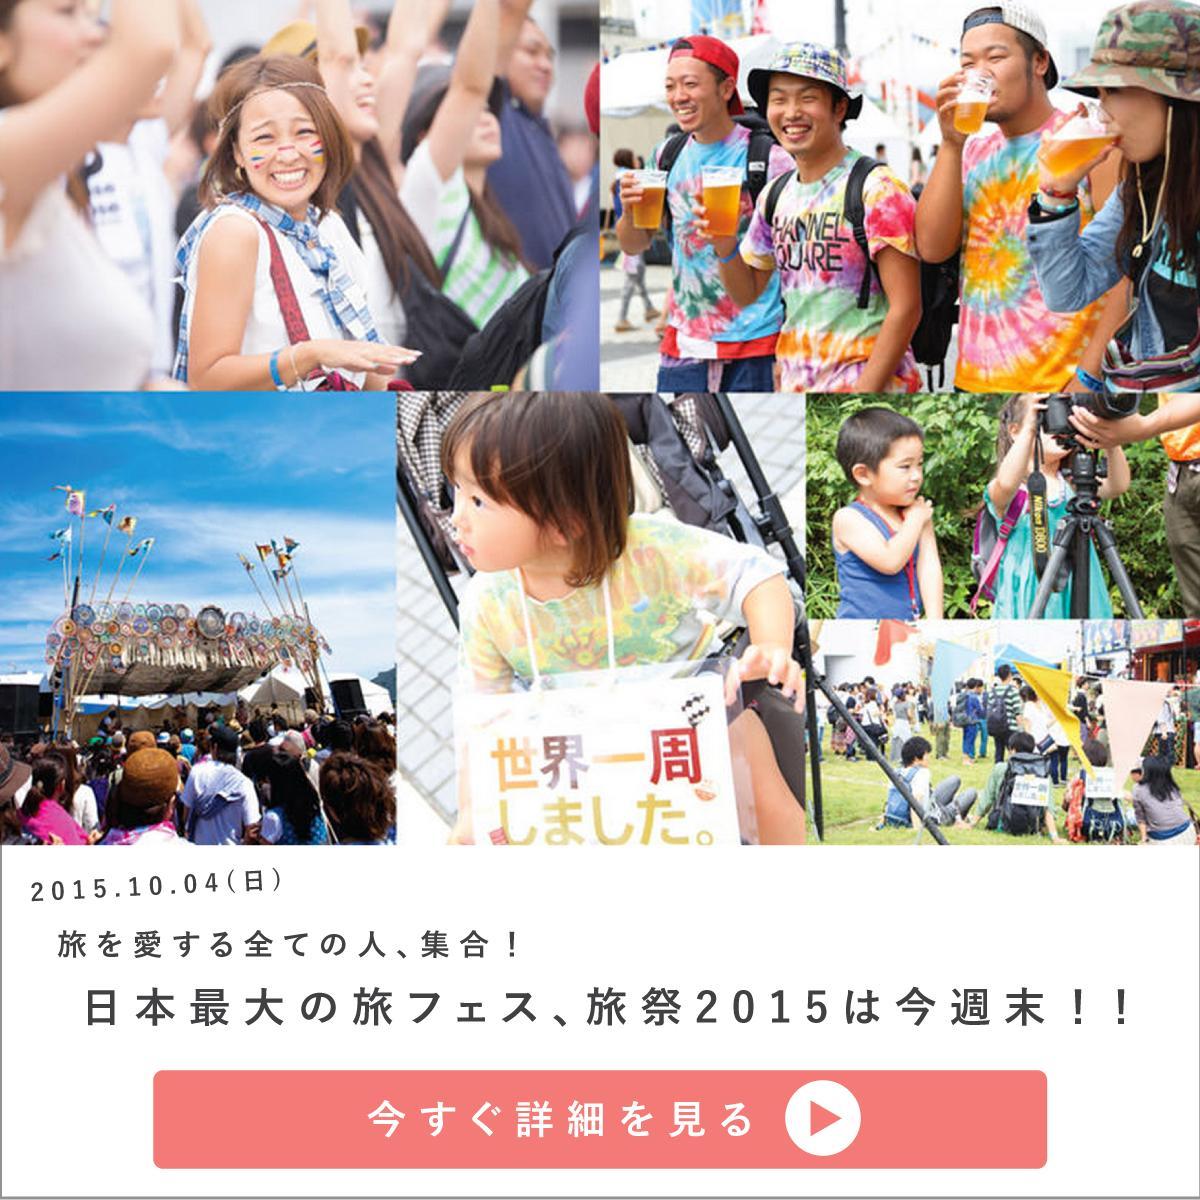 【RTお願いします】  旅祭行く方、一緒に盛り上げましょう^^   「1年に1度だけ開かれる、旅好きのお祭り「旅祭」が10/4にお台場で開催!」  http://t.co/guzfcQkpBI #tabippo #旅祭 http://t.co/EB2FJYXzJ1